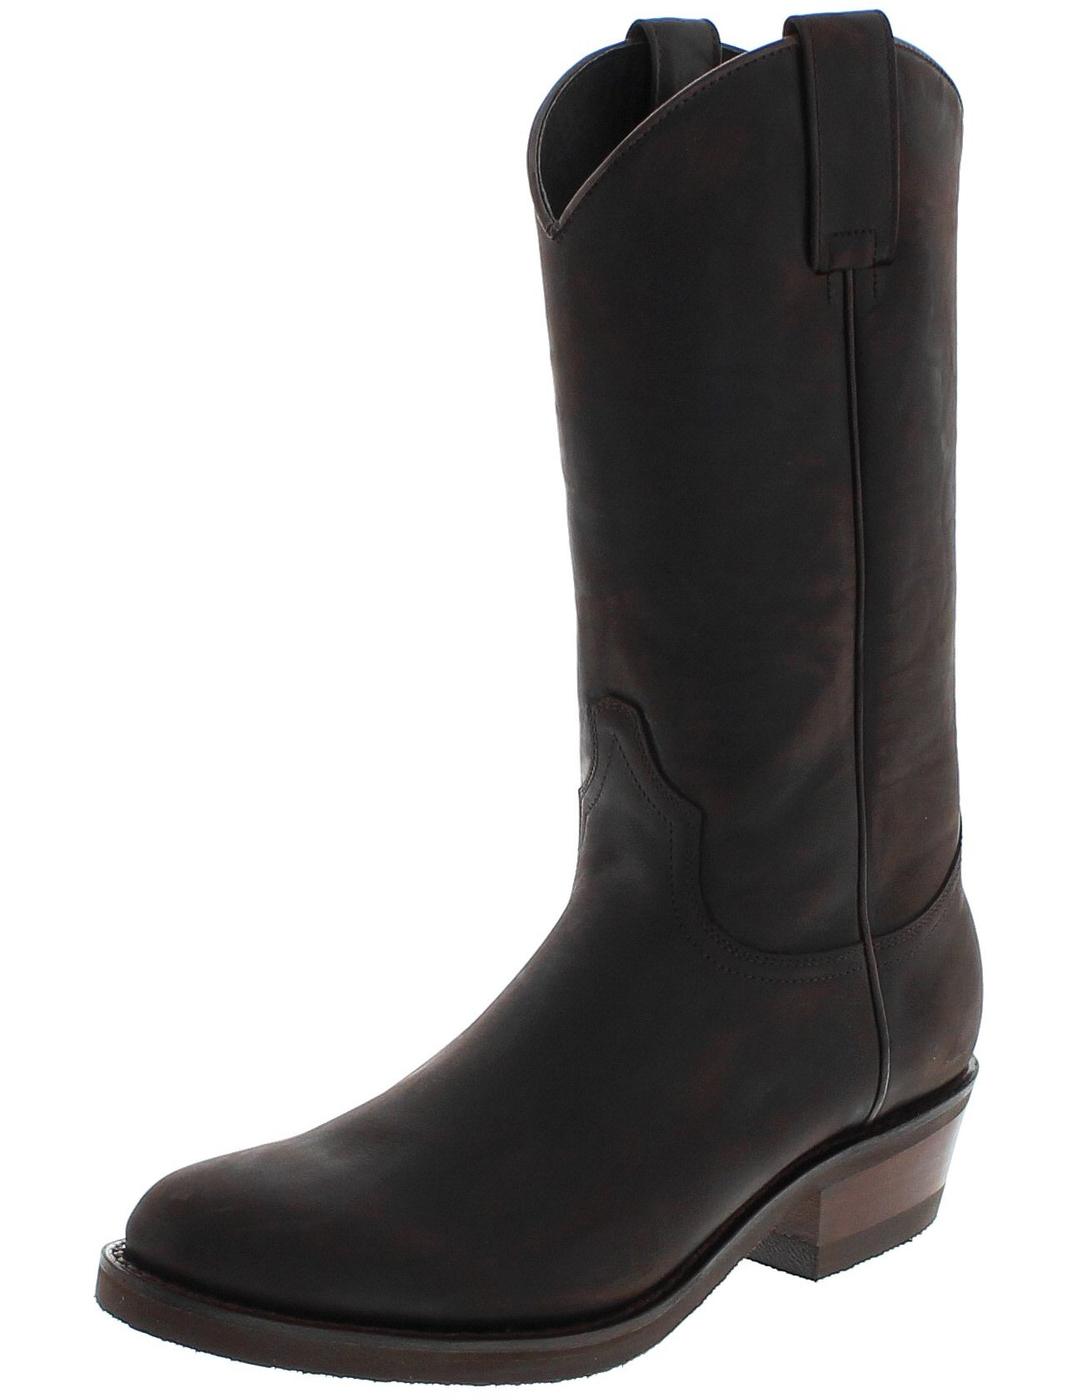 Sendra Boots 5588 Cafe Herren Westernstiefel - braun